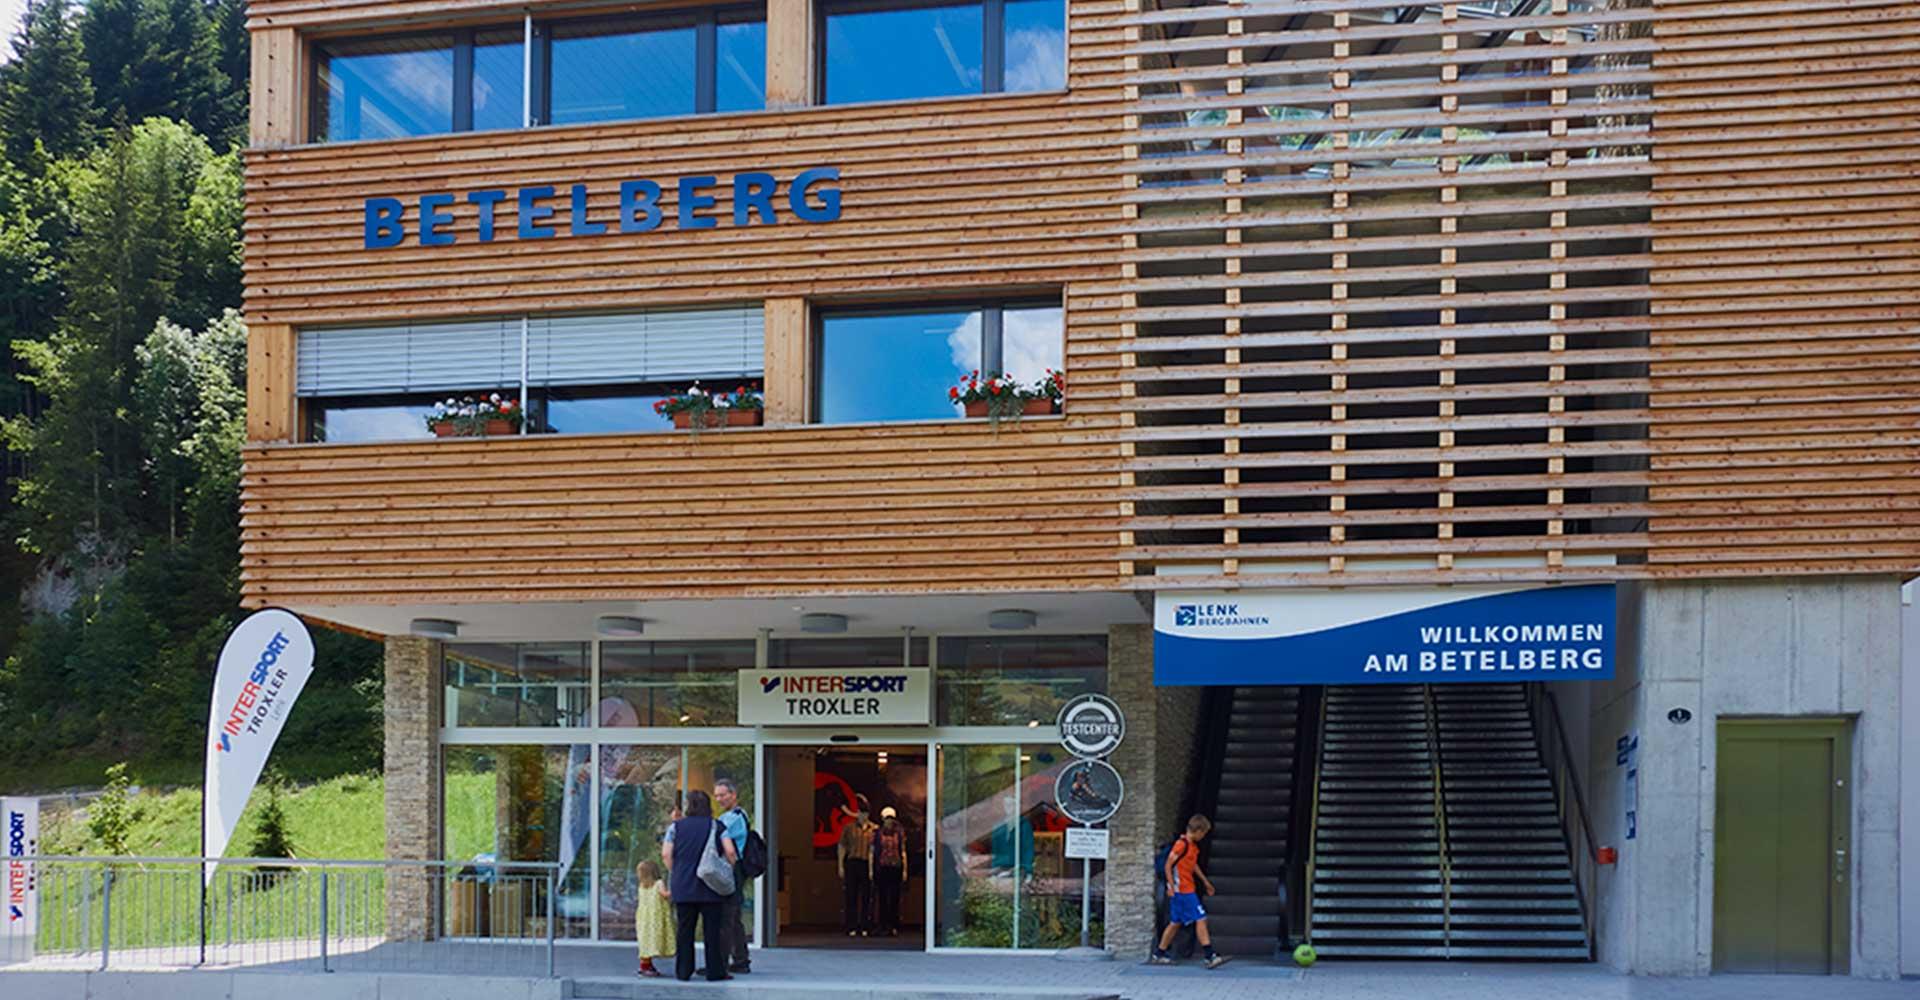 Talstation Betelberg